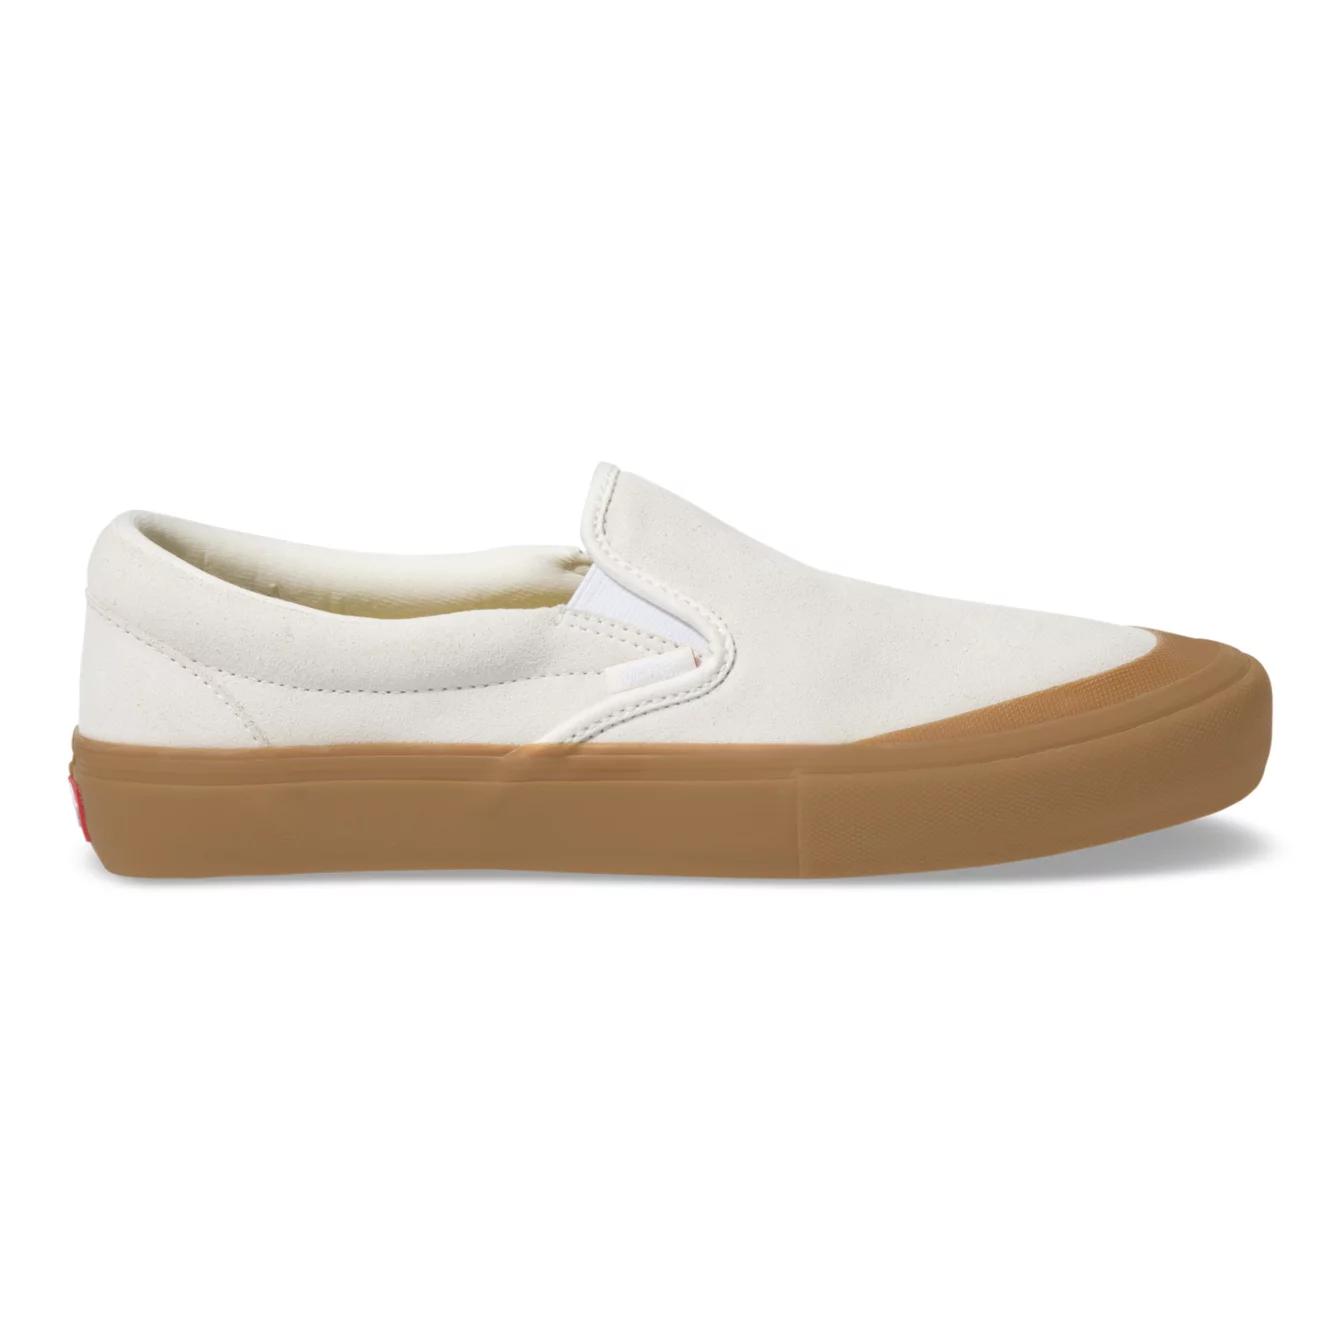 Vans Shoes Slip On Pro Toe-Cap